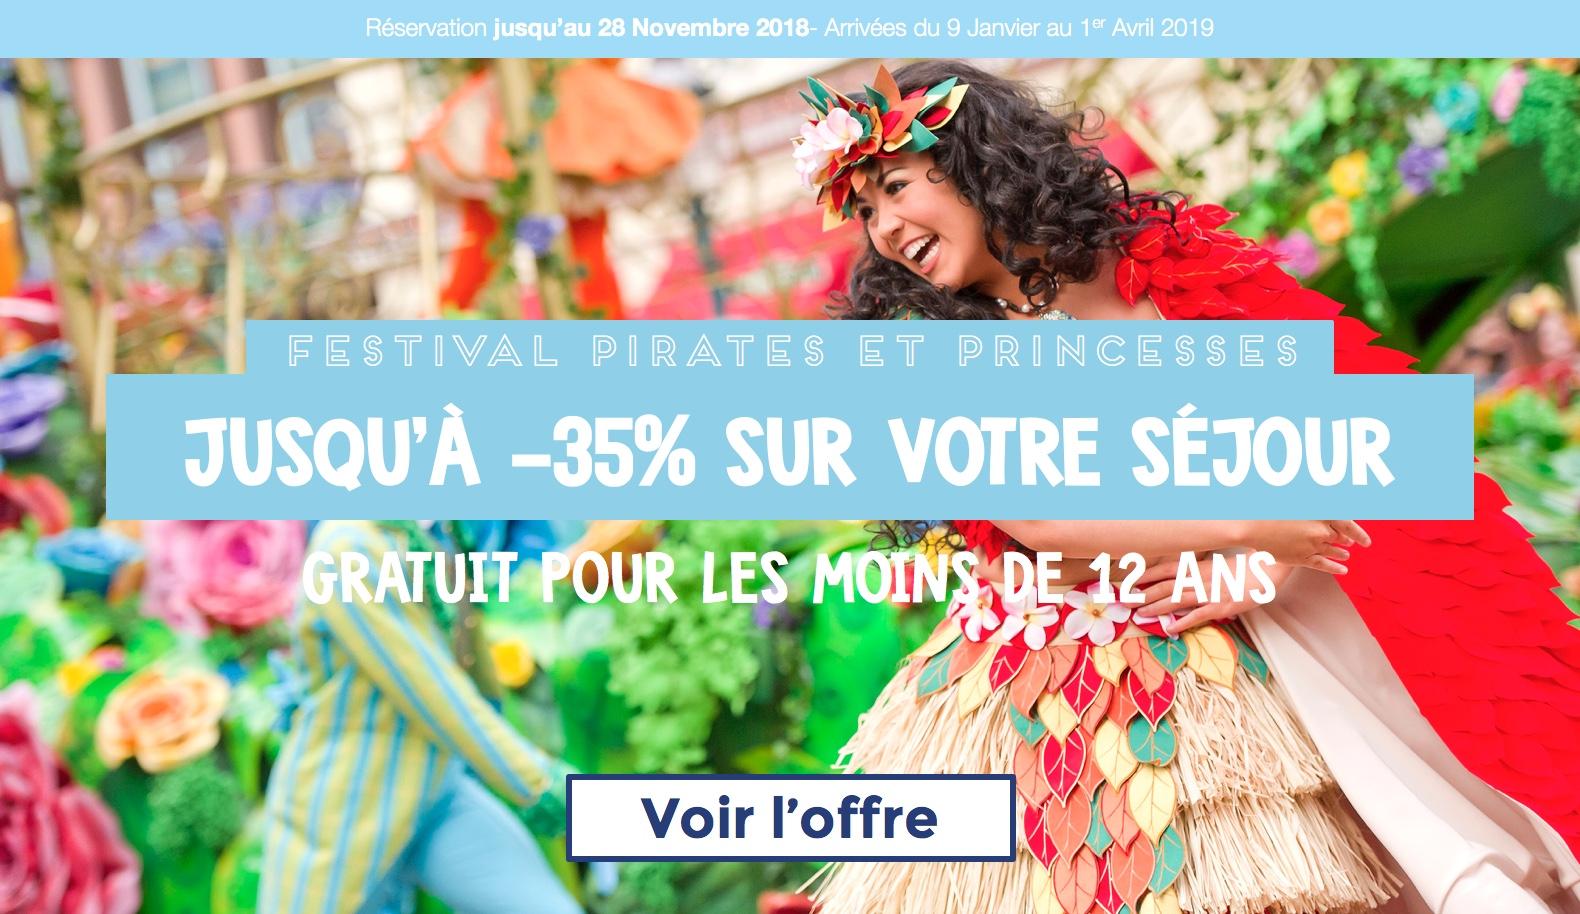 sejour disneyland paris pas cher noel disney noel enchante disneyland promo sejour carte cadeau offerte festival pirates princesses janvier fevrier mars 2019